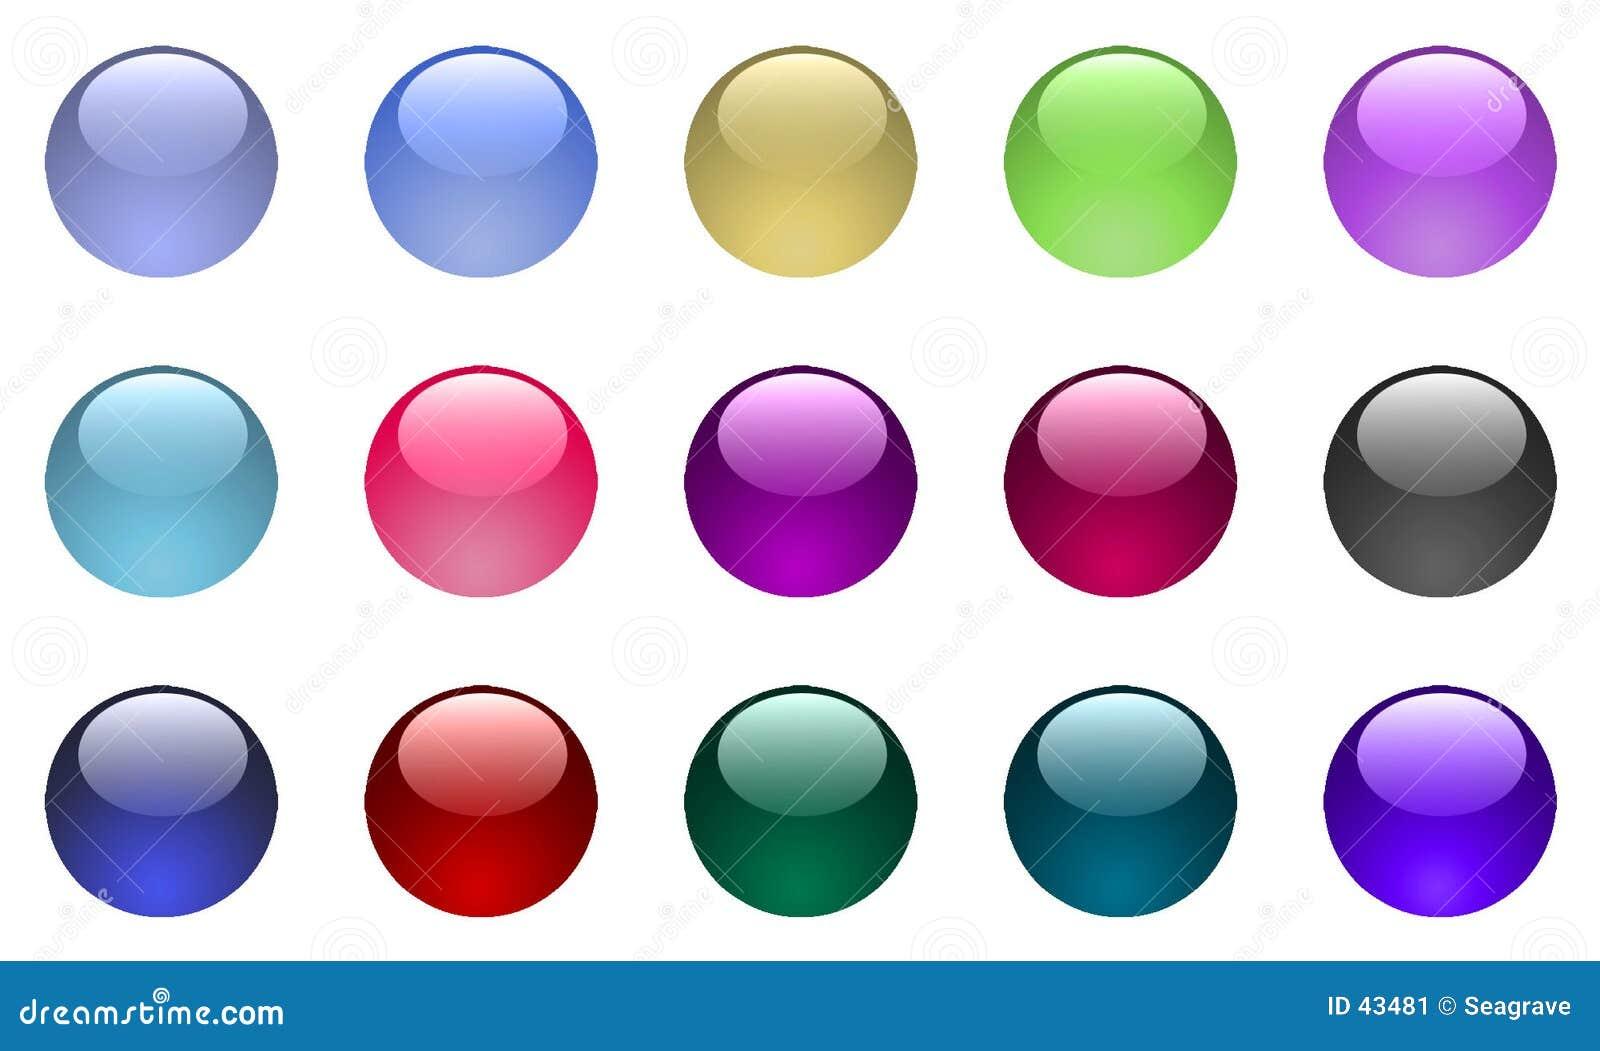 Download Botones de cristal grandes stock de ilustración. Ilustración de color - 43481